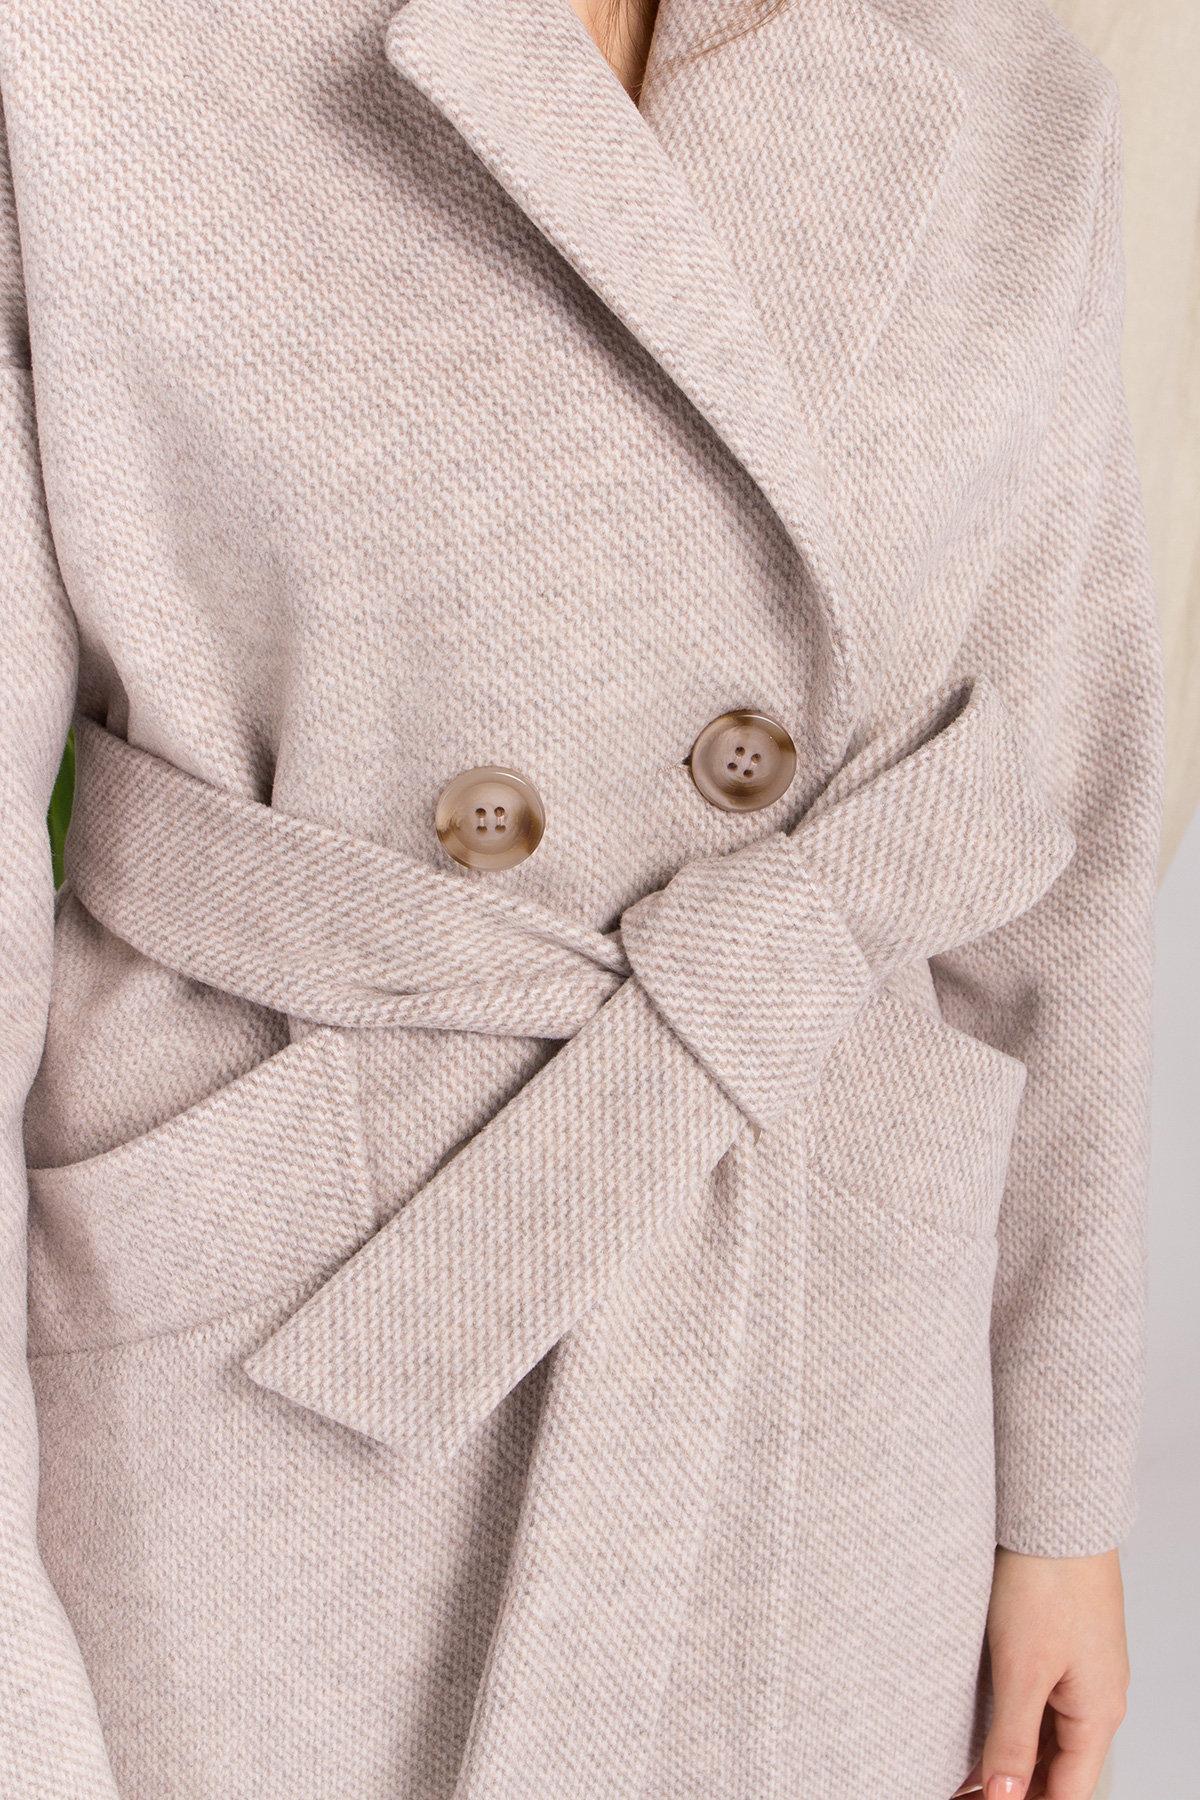 Демисезонное двубортное пальто Бонд 8927 Цвет: Бежевый 22